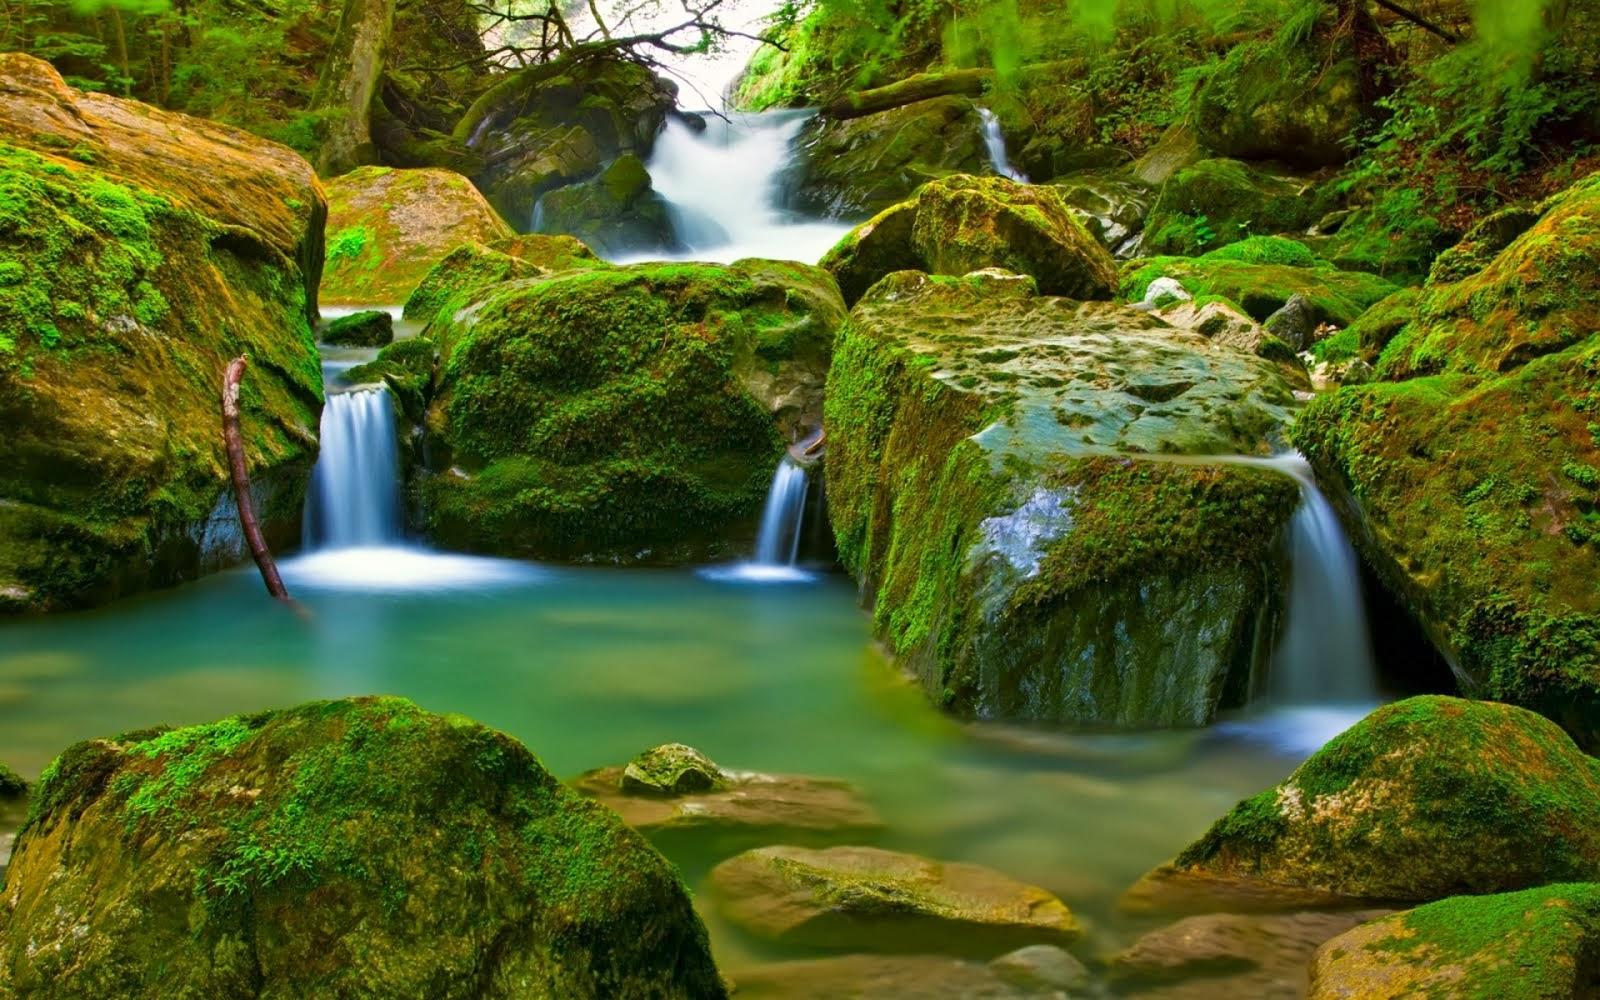 Fondos De Pantalla O Wallpapers Naturaleza Flores La: Wallpapers HD: Wallpapers De Paisajes Y Naturaleza En HD (22